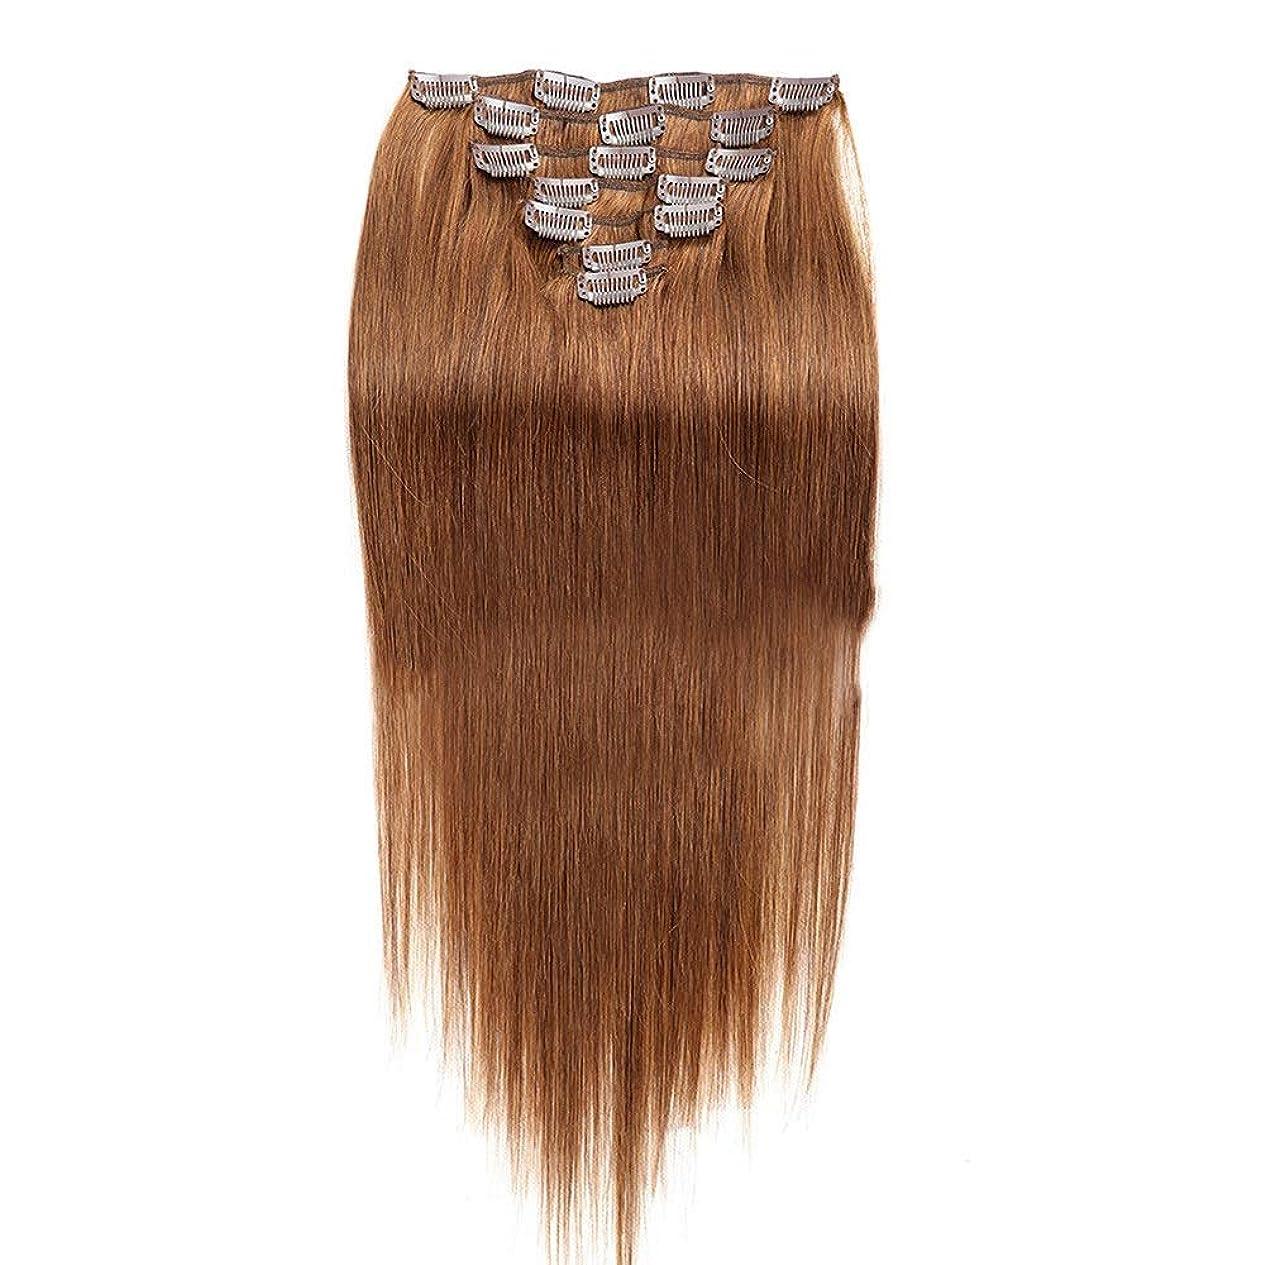 グレートバリアリーフ親指理由かつら 100%人毛用ヘアエクステンションダブル横糸フルヘッド(7個、#6ブラウン、20インチ、70g)かつら (色 : #6 Brown)